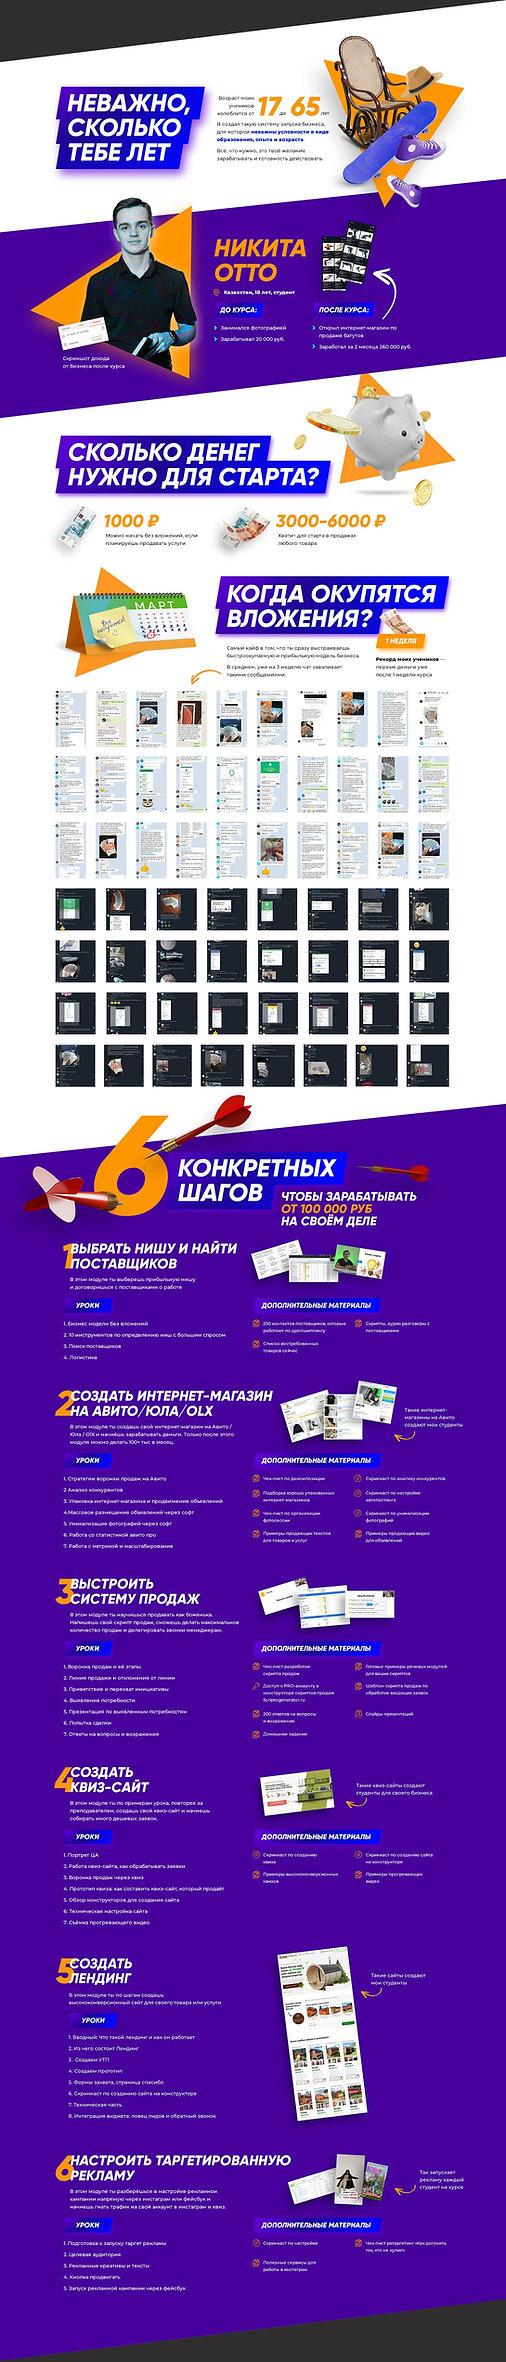 Десктоп-2-min.jpg